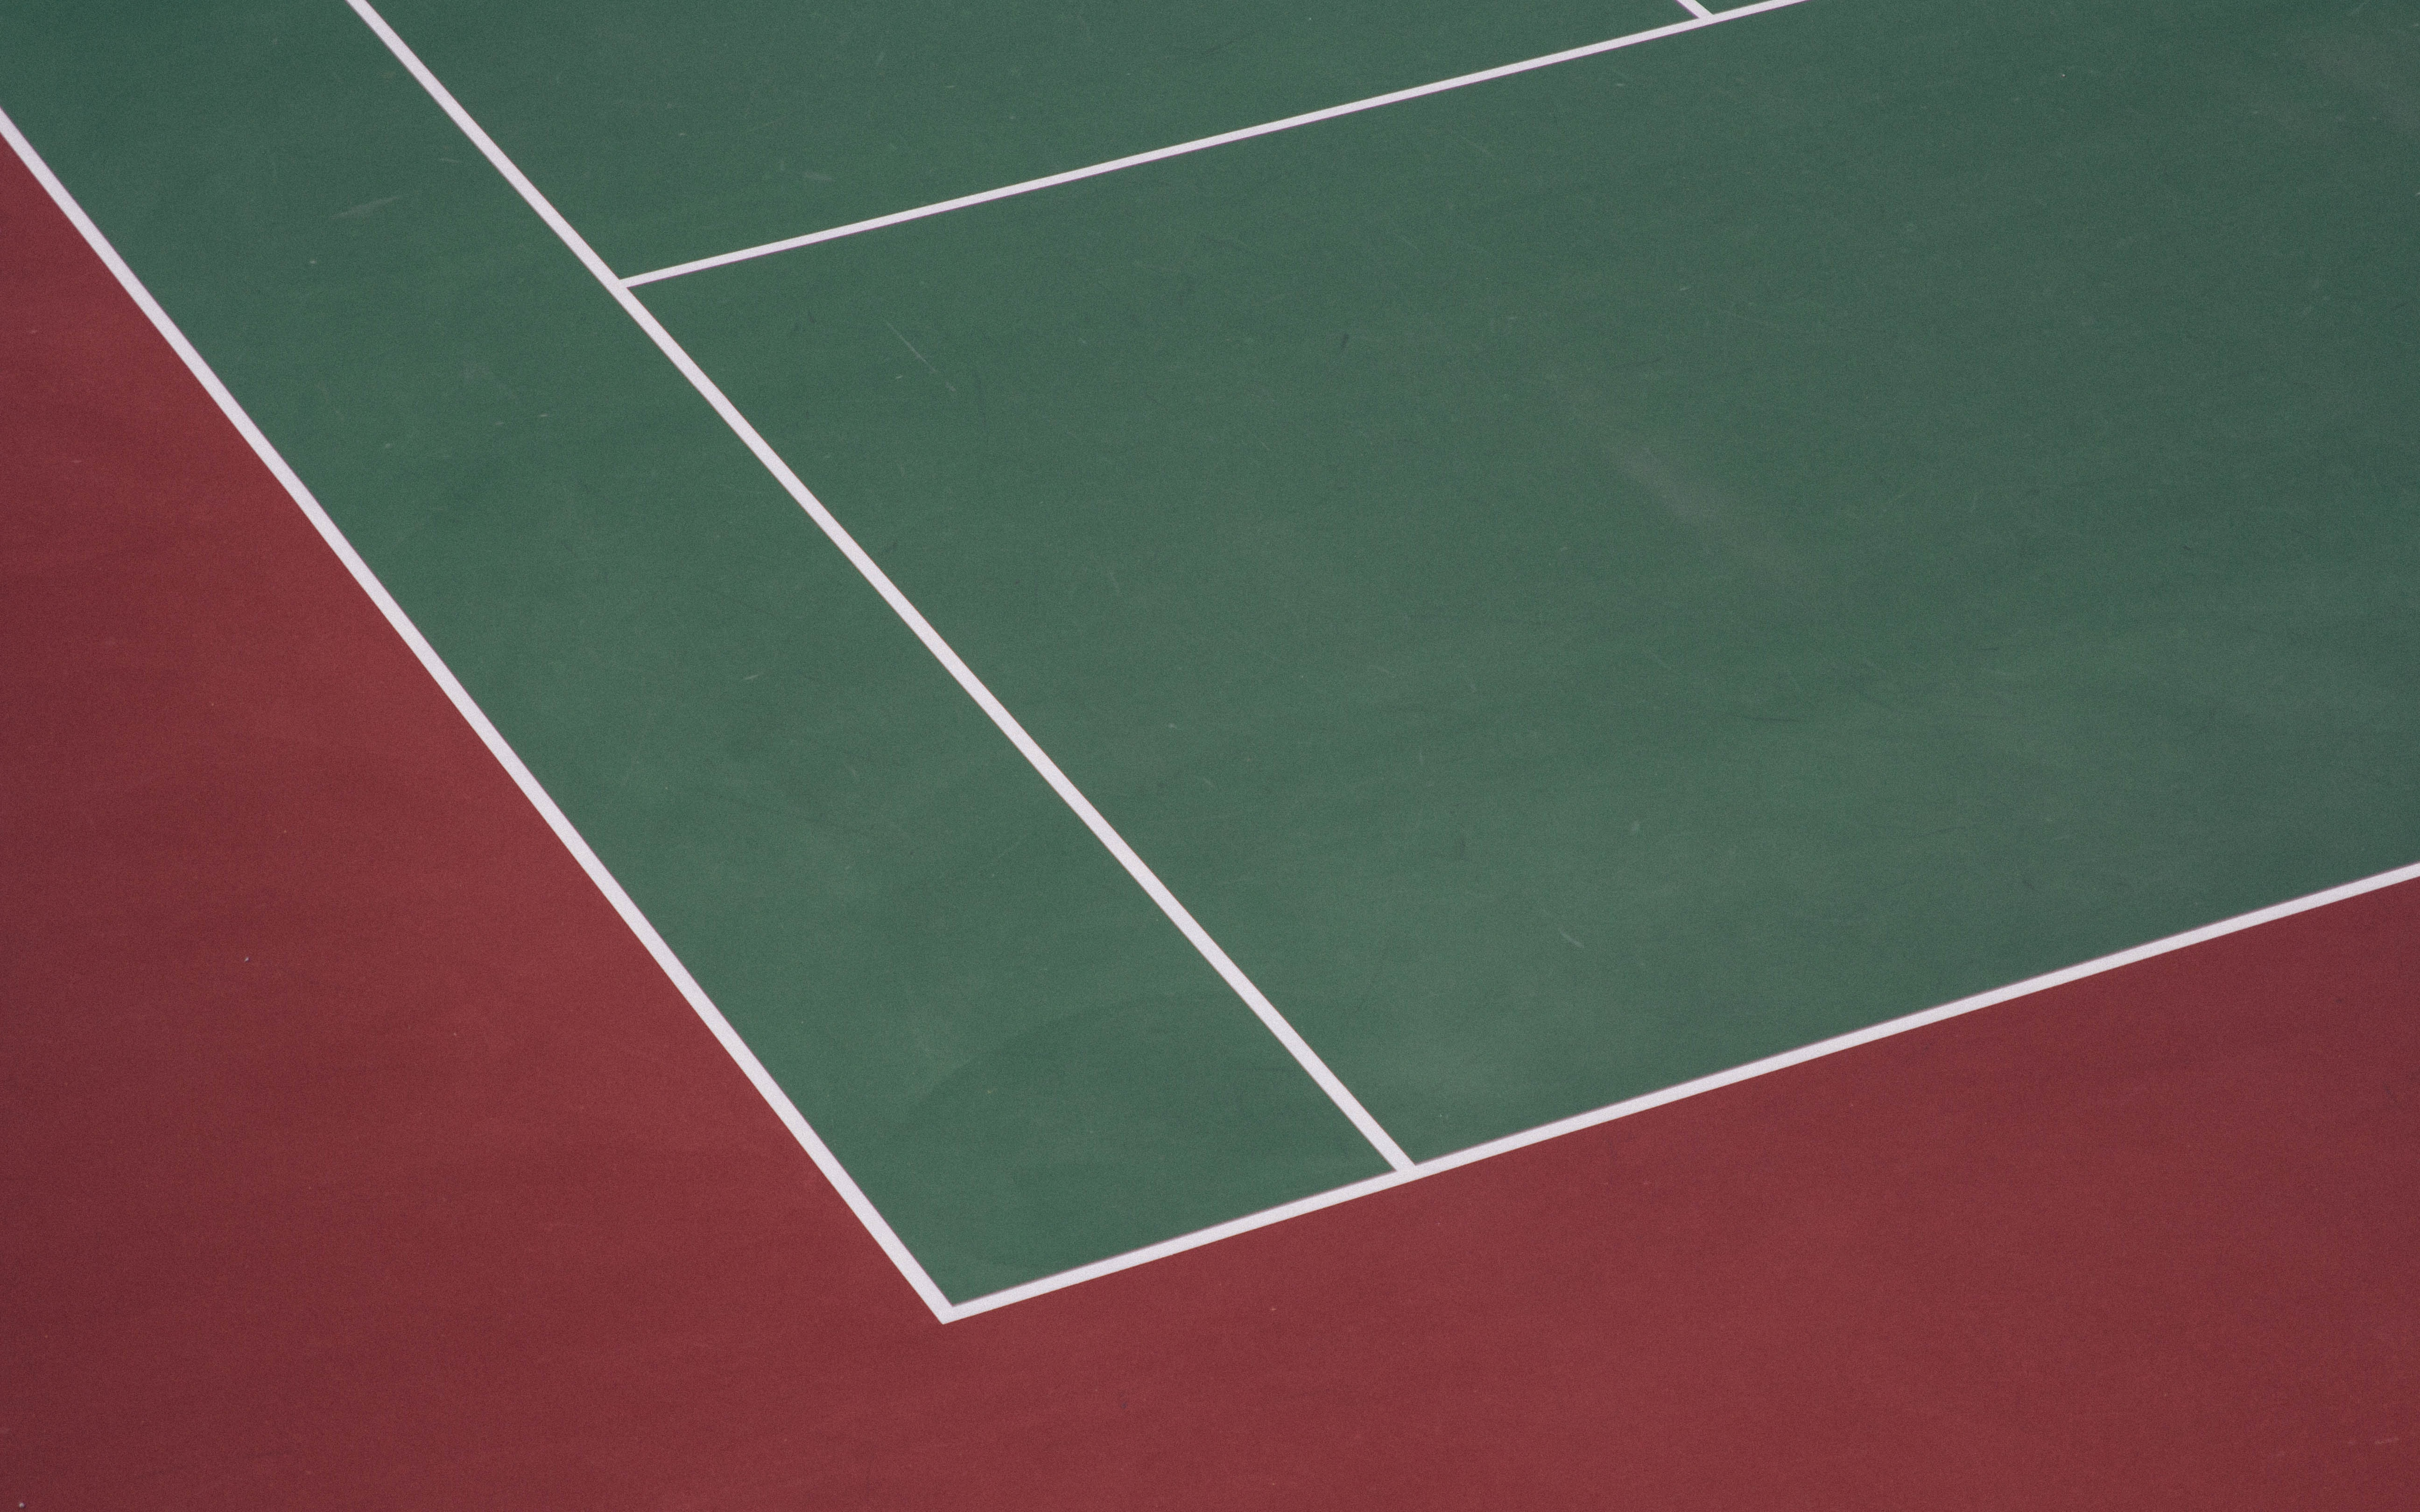 Tennis Court, Court, Hard, Hardcourt, Sport, HQ Photo